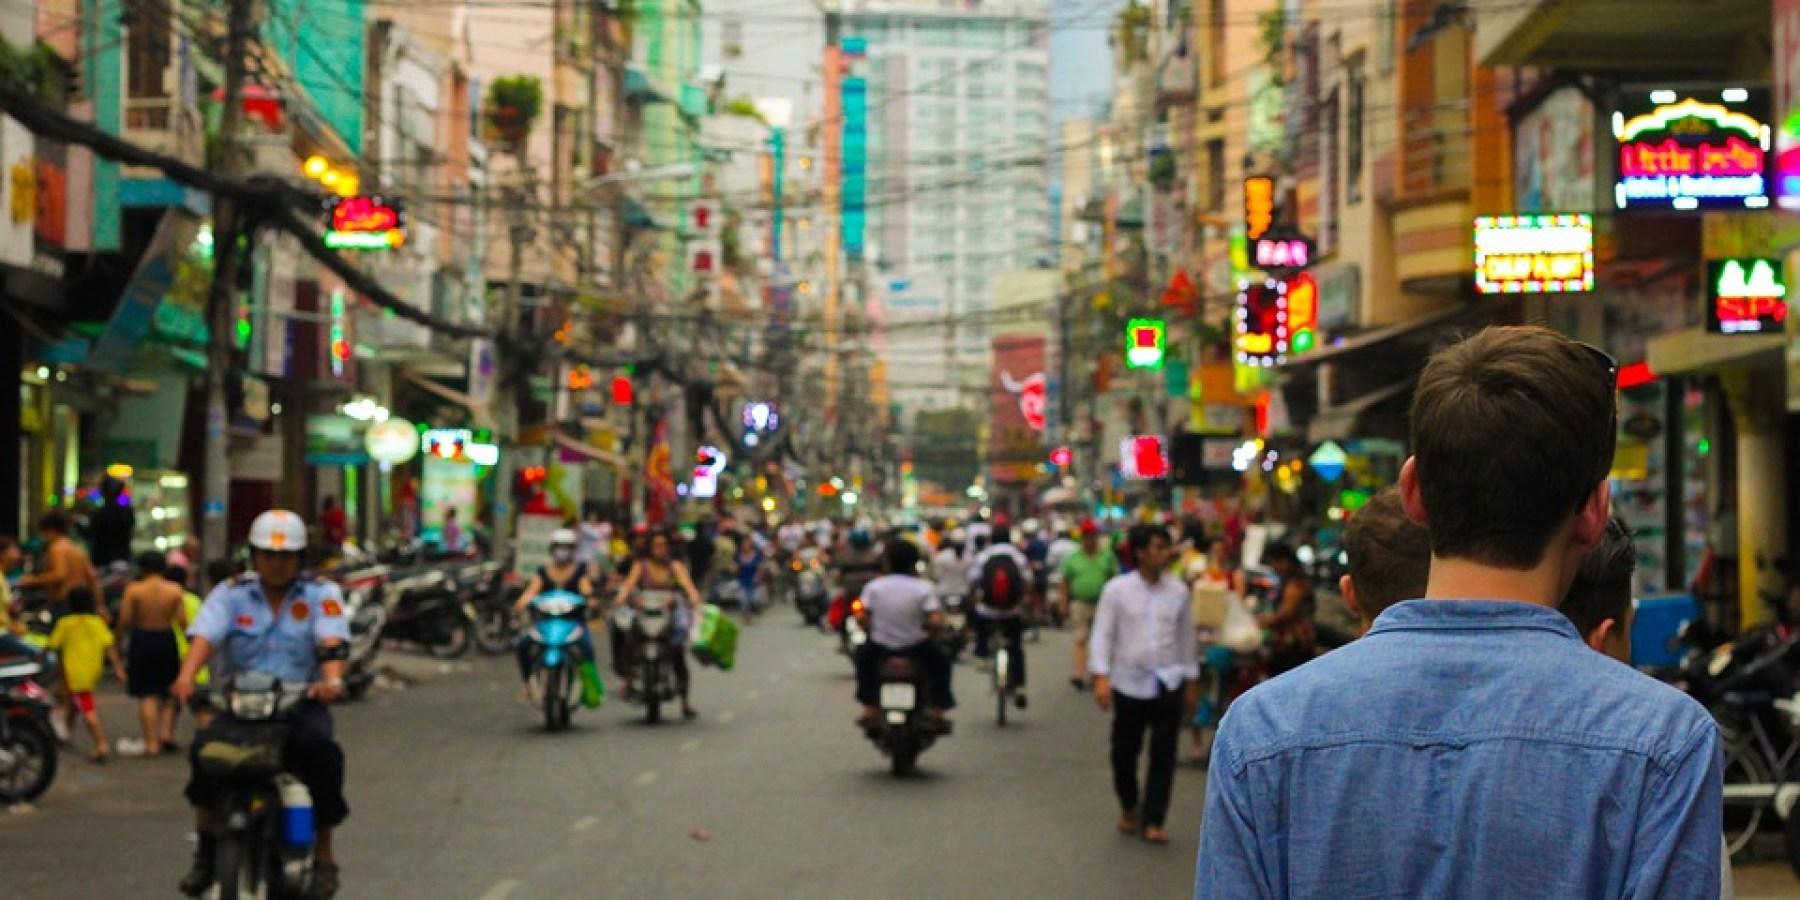 Asien ist weiterhin größter touristischer Wachstumsmarkt